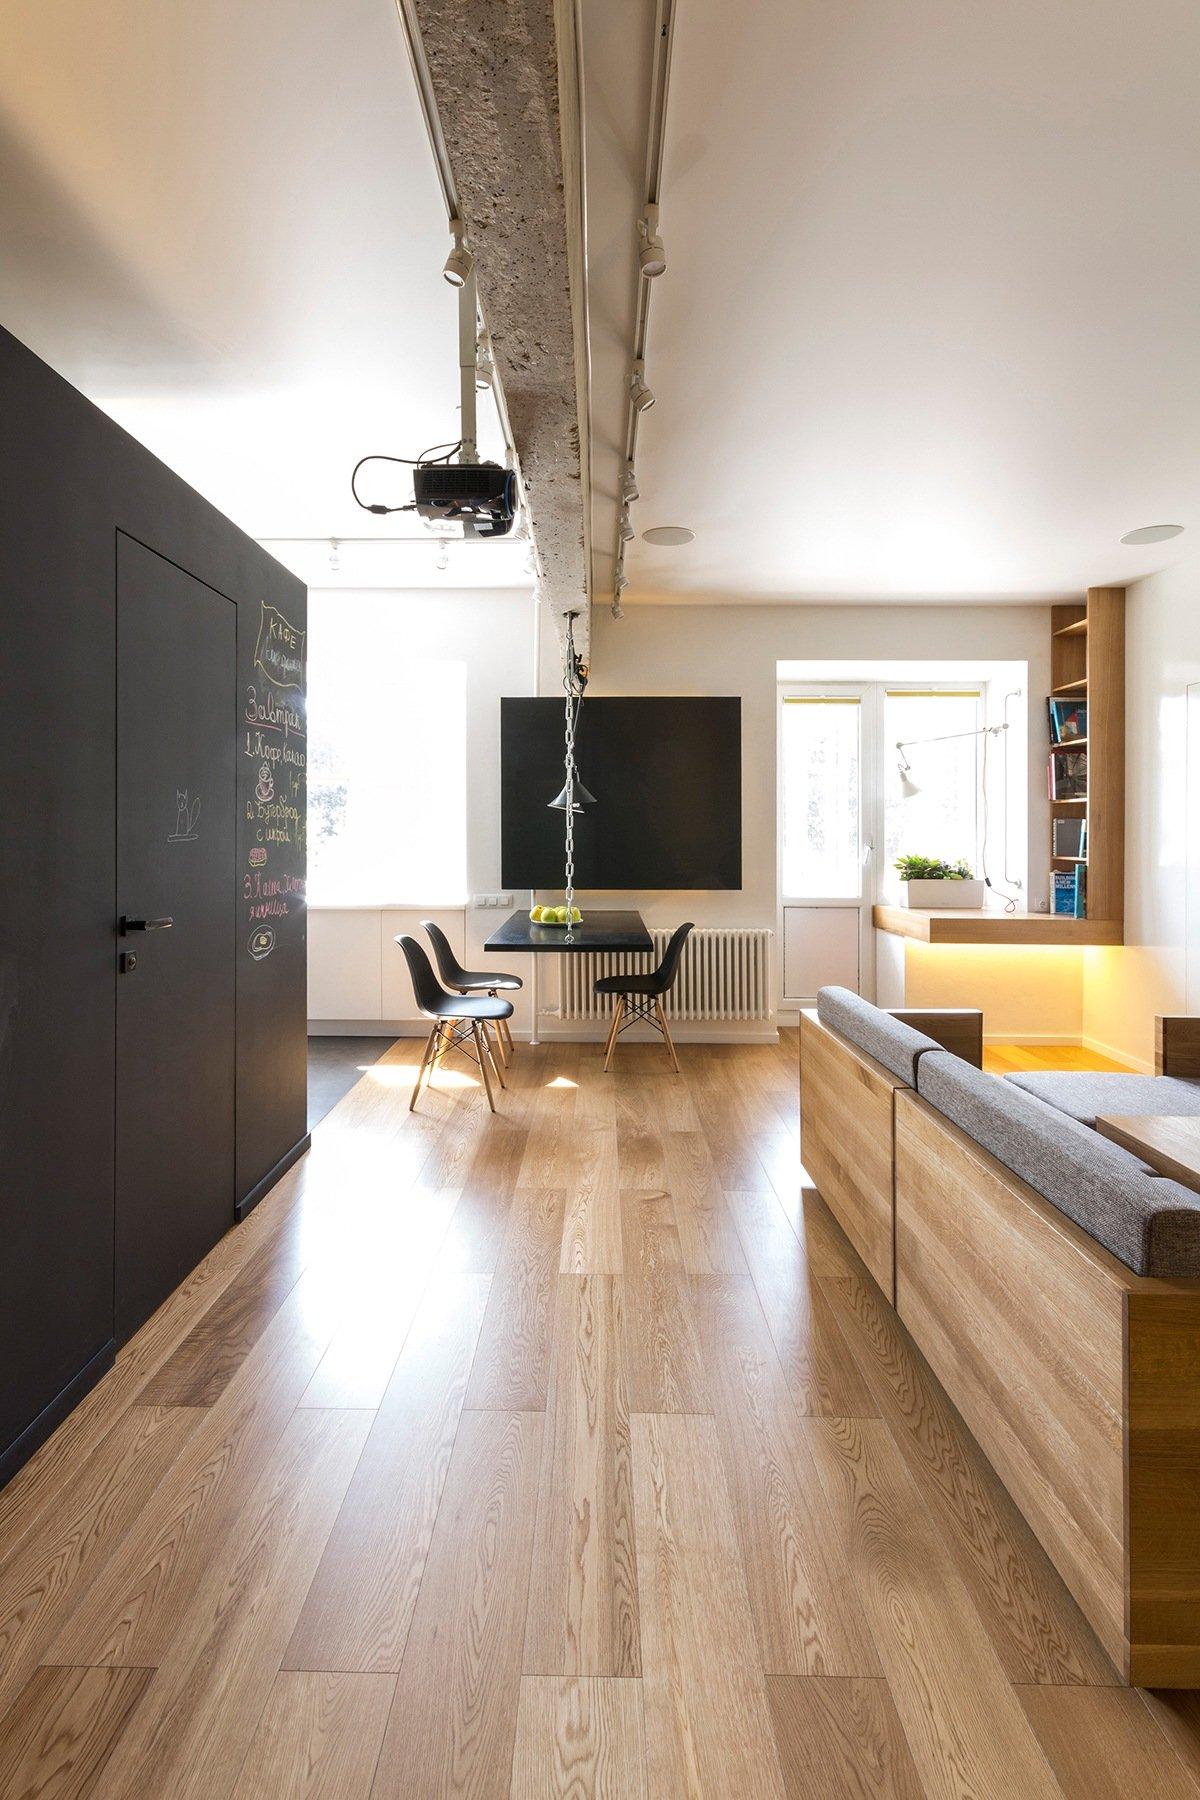 Модульная квартира с игровой зоной: фото-совет для удивительного интерьера